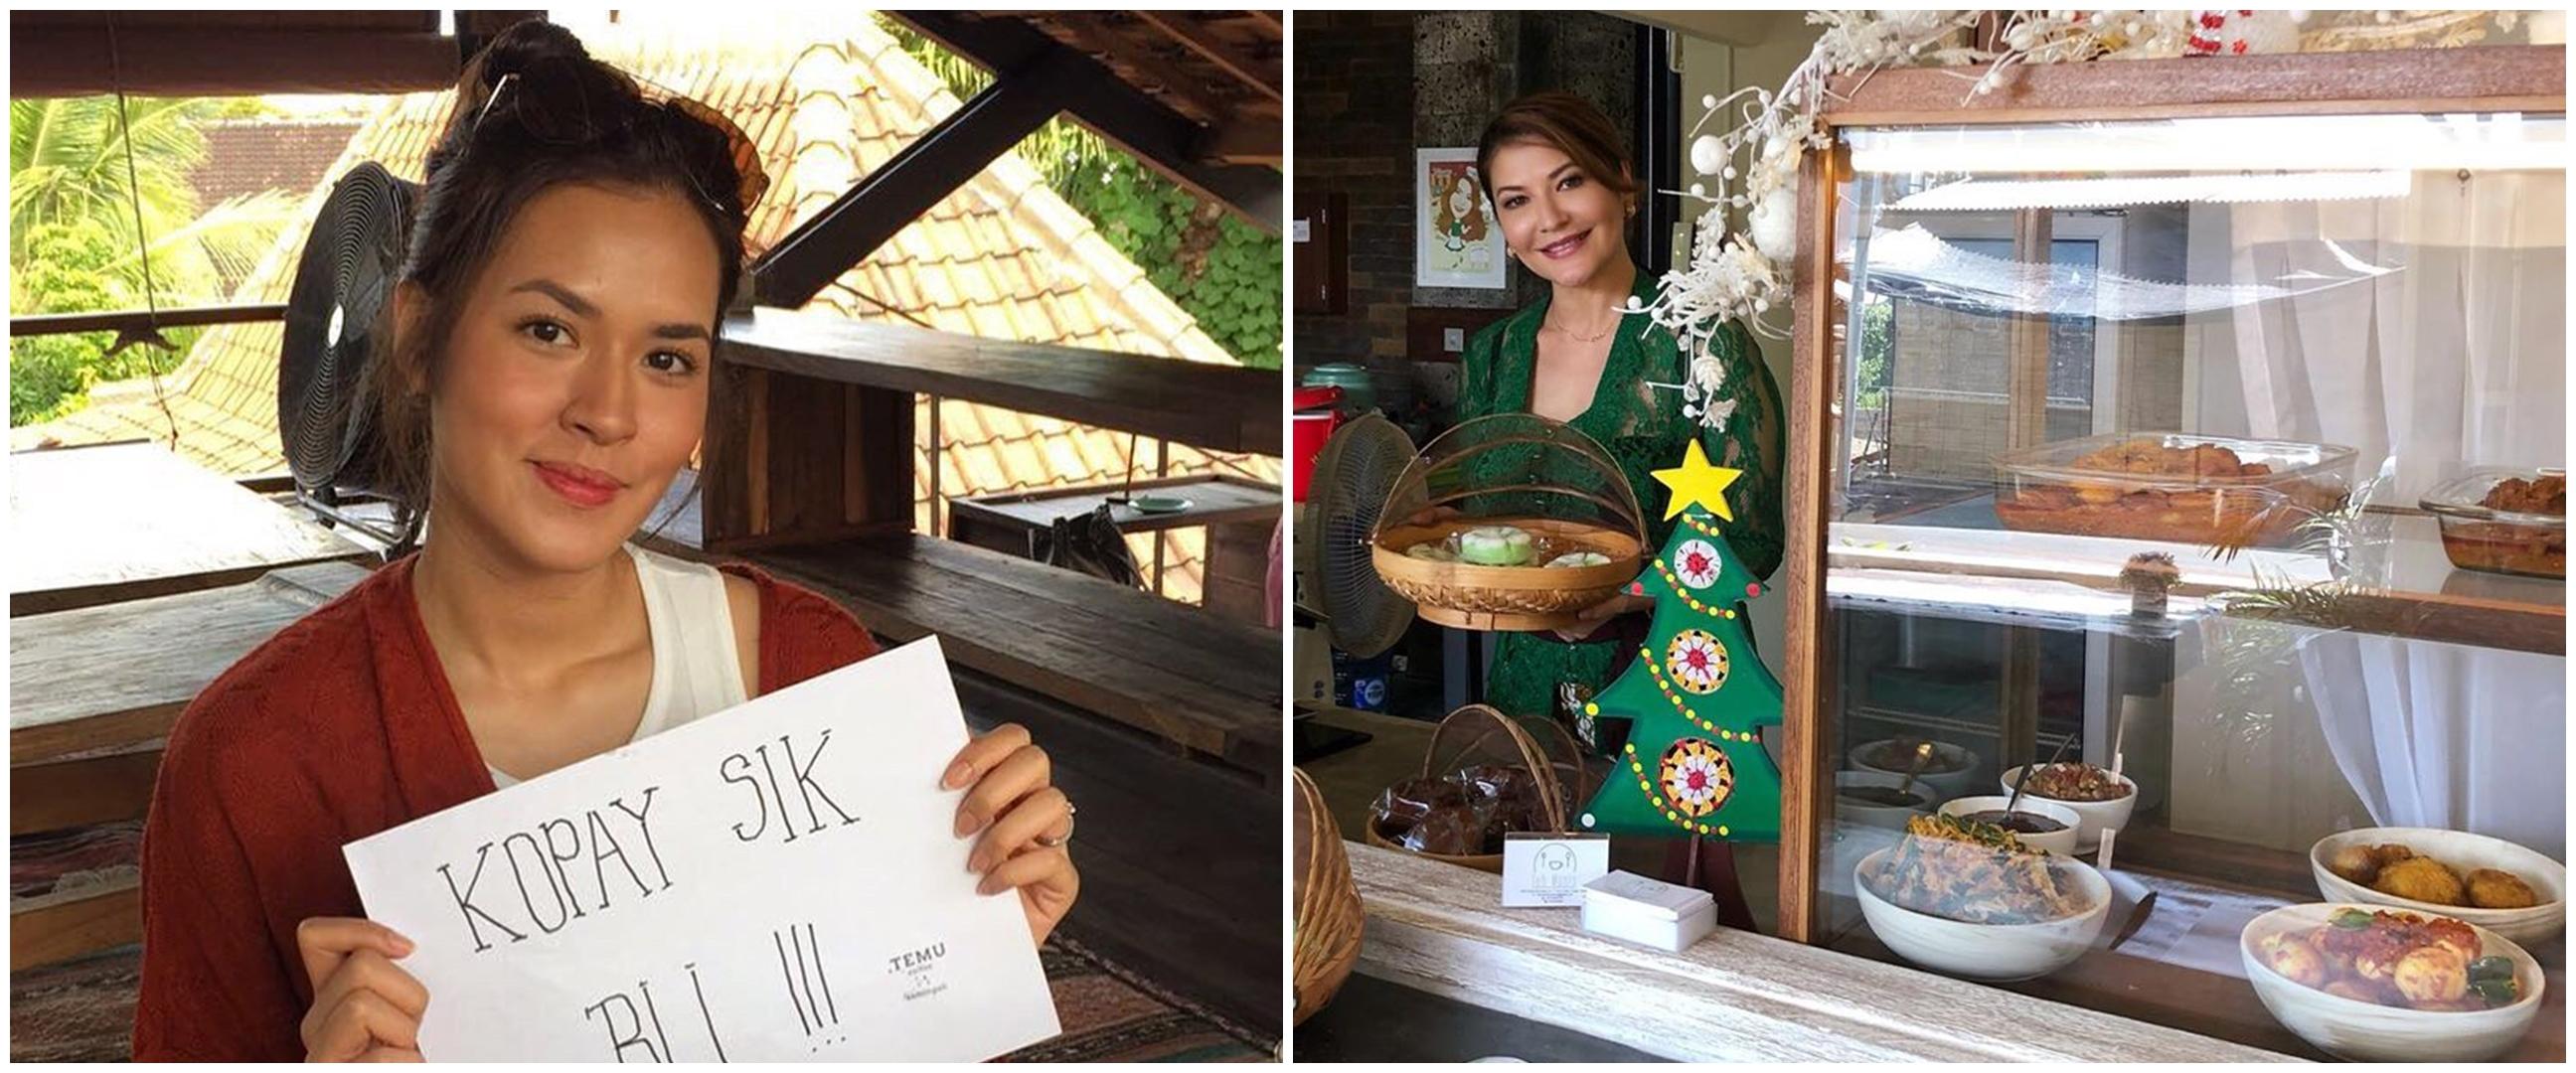 Mengintip usaha kuliner 6 seleb di Bali, tempatnya cozy abis